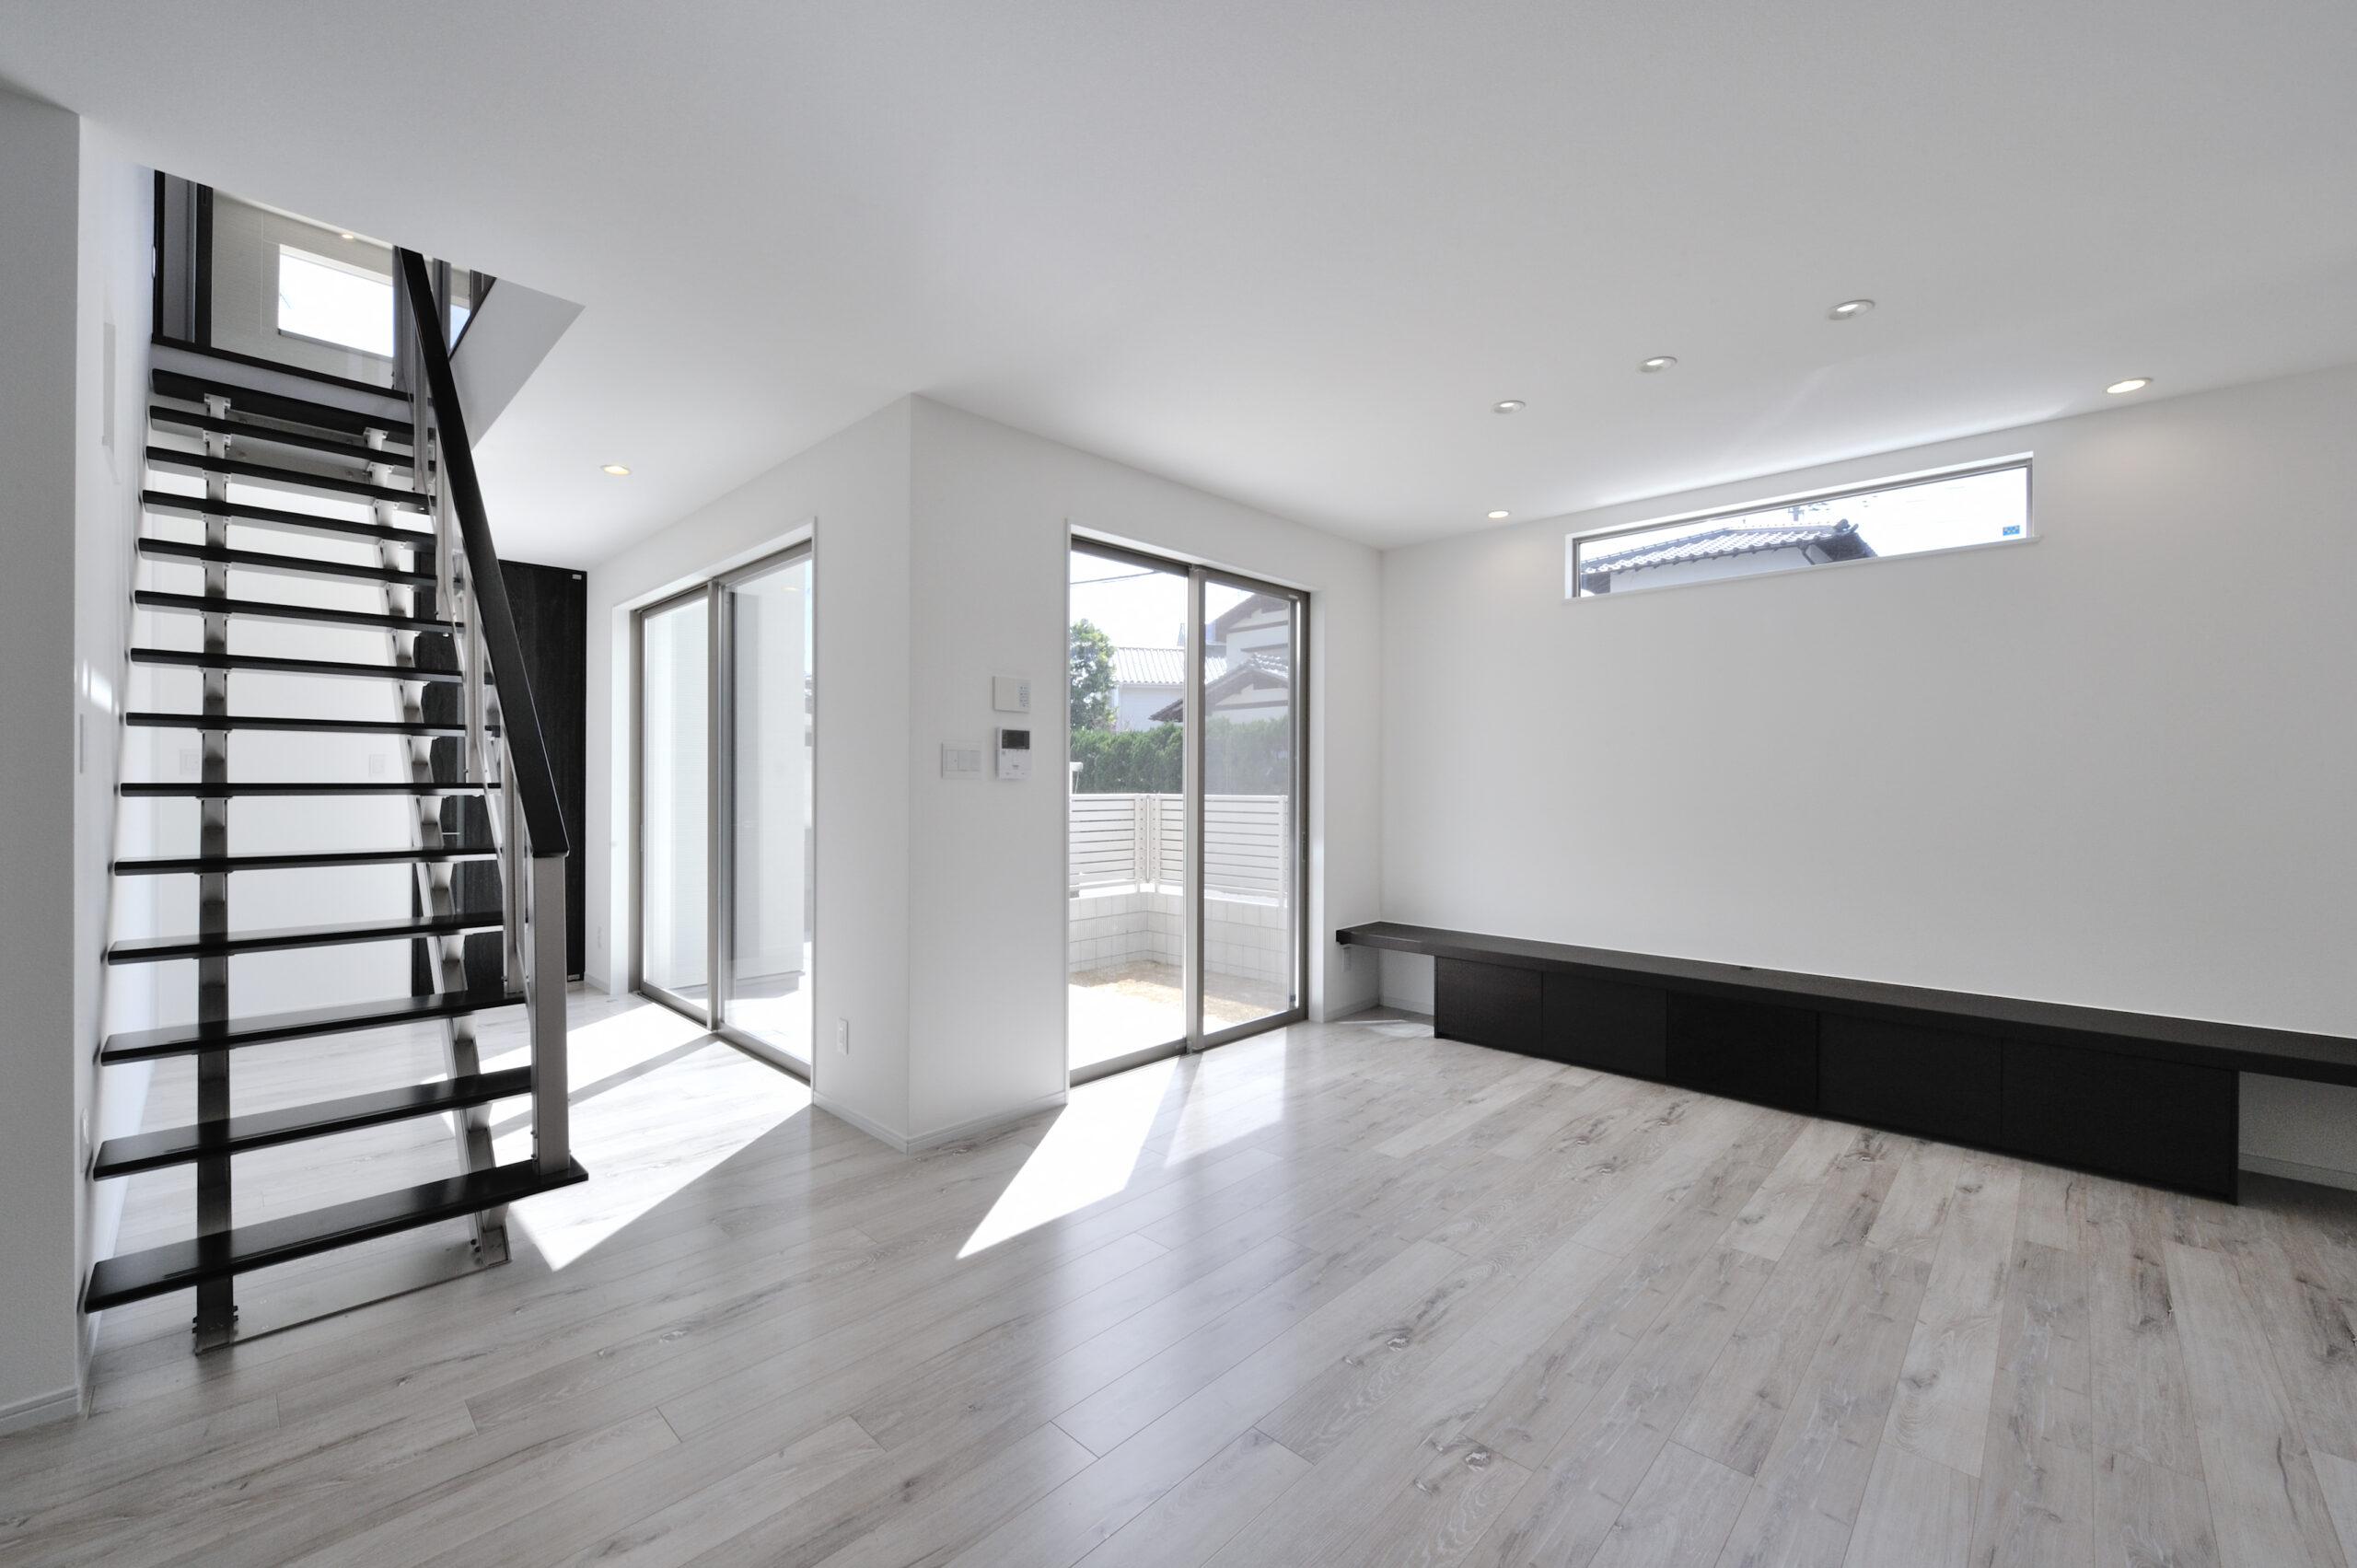 シンプルモダンなお家 オープン階段